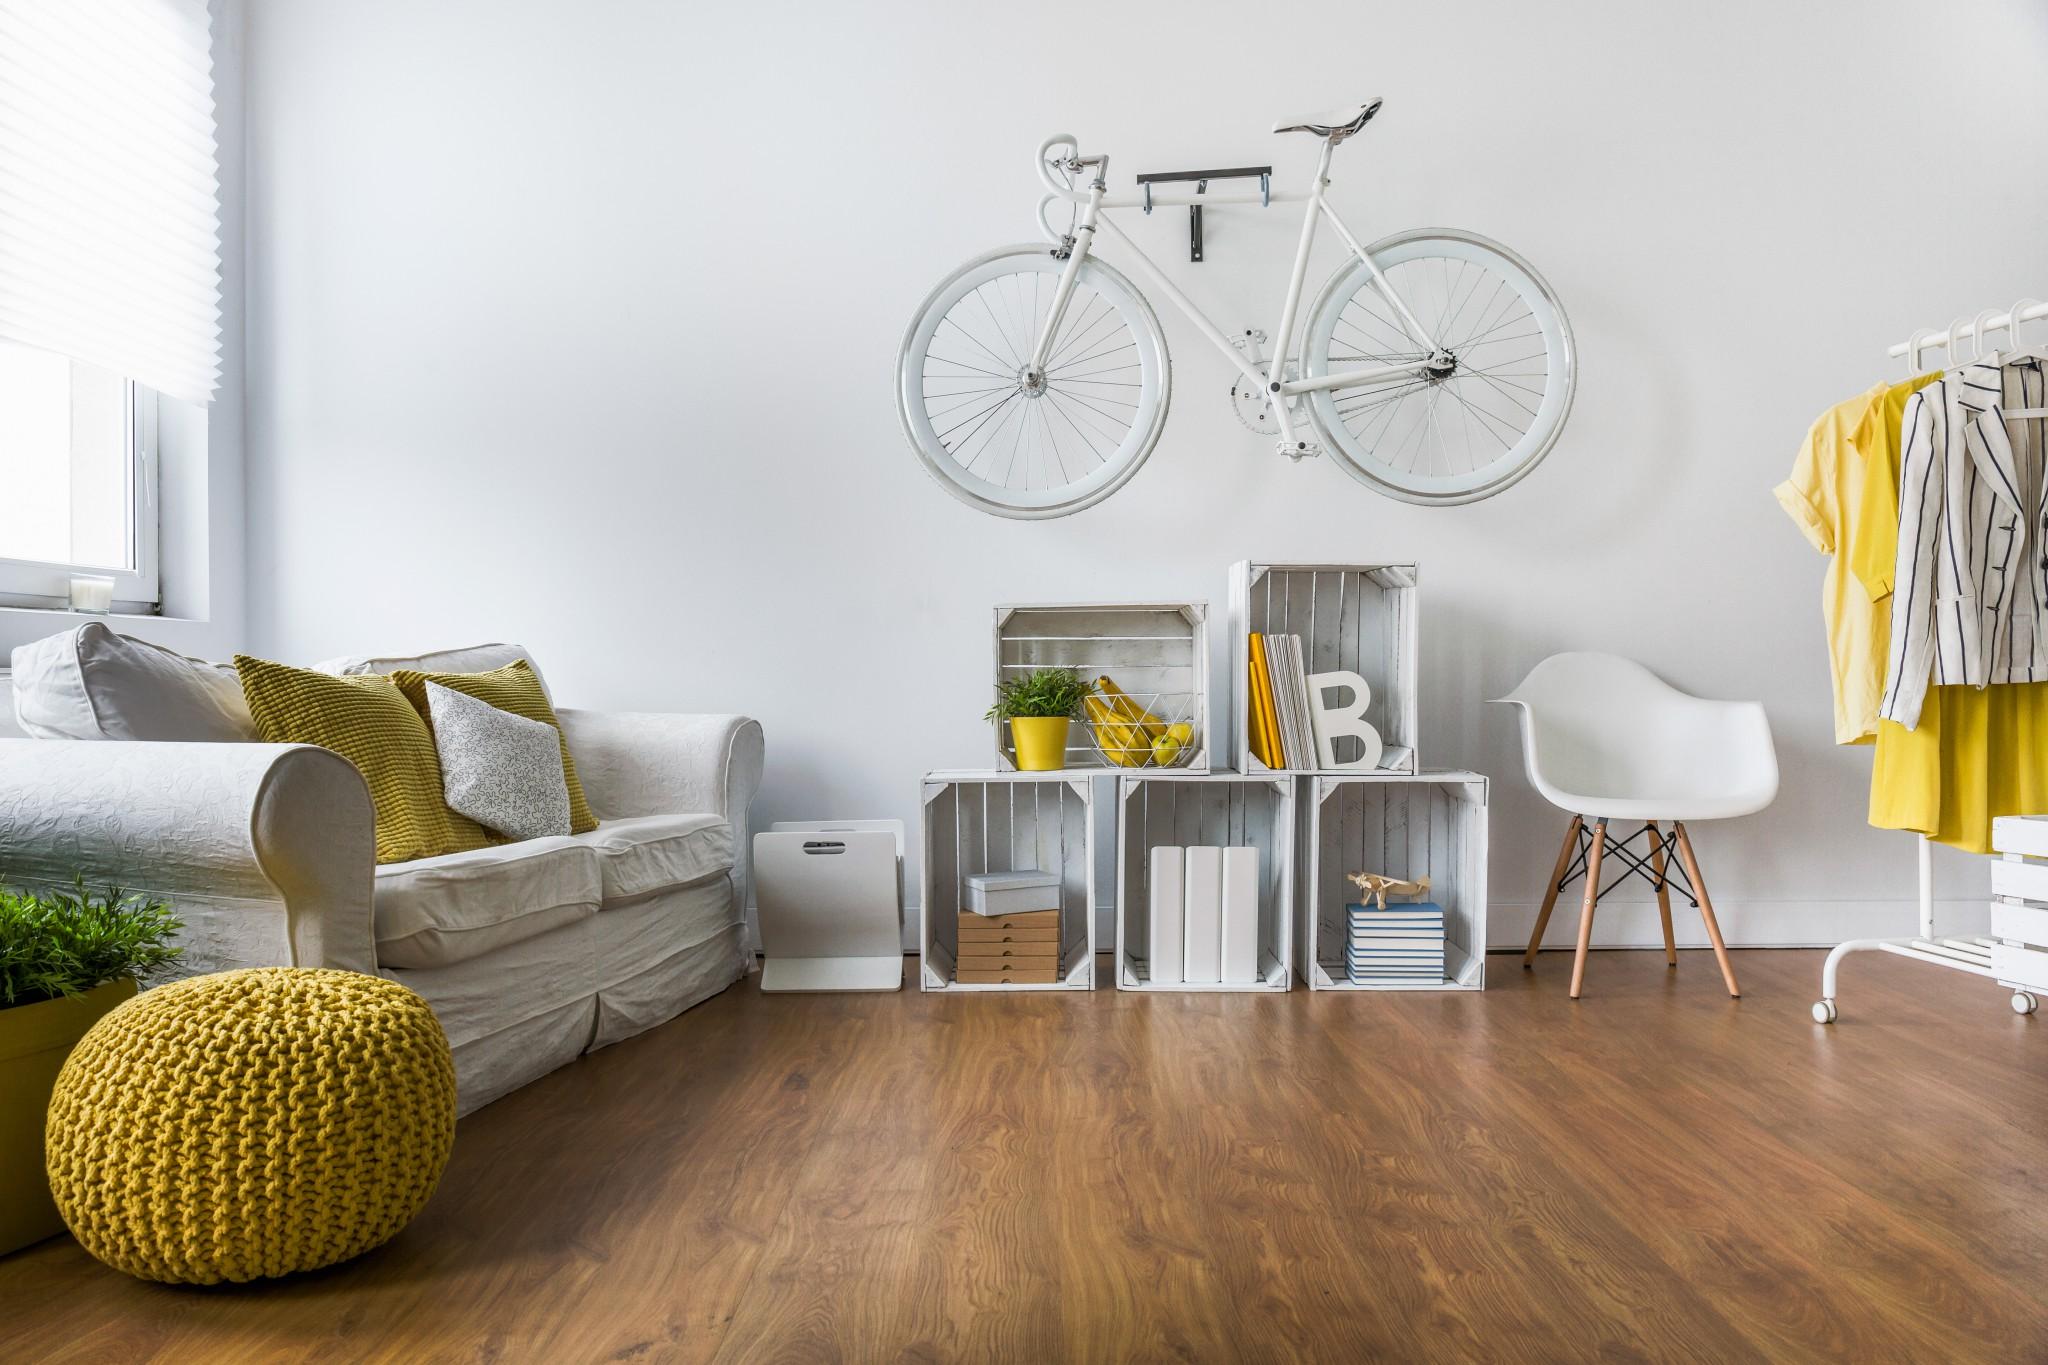 parket onderhouden de gouden raad van tante kaat. Black Bedroom Furniture Sets. Home Design Ideas